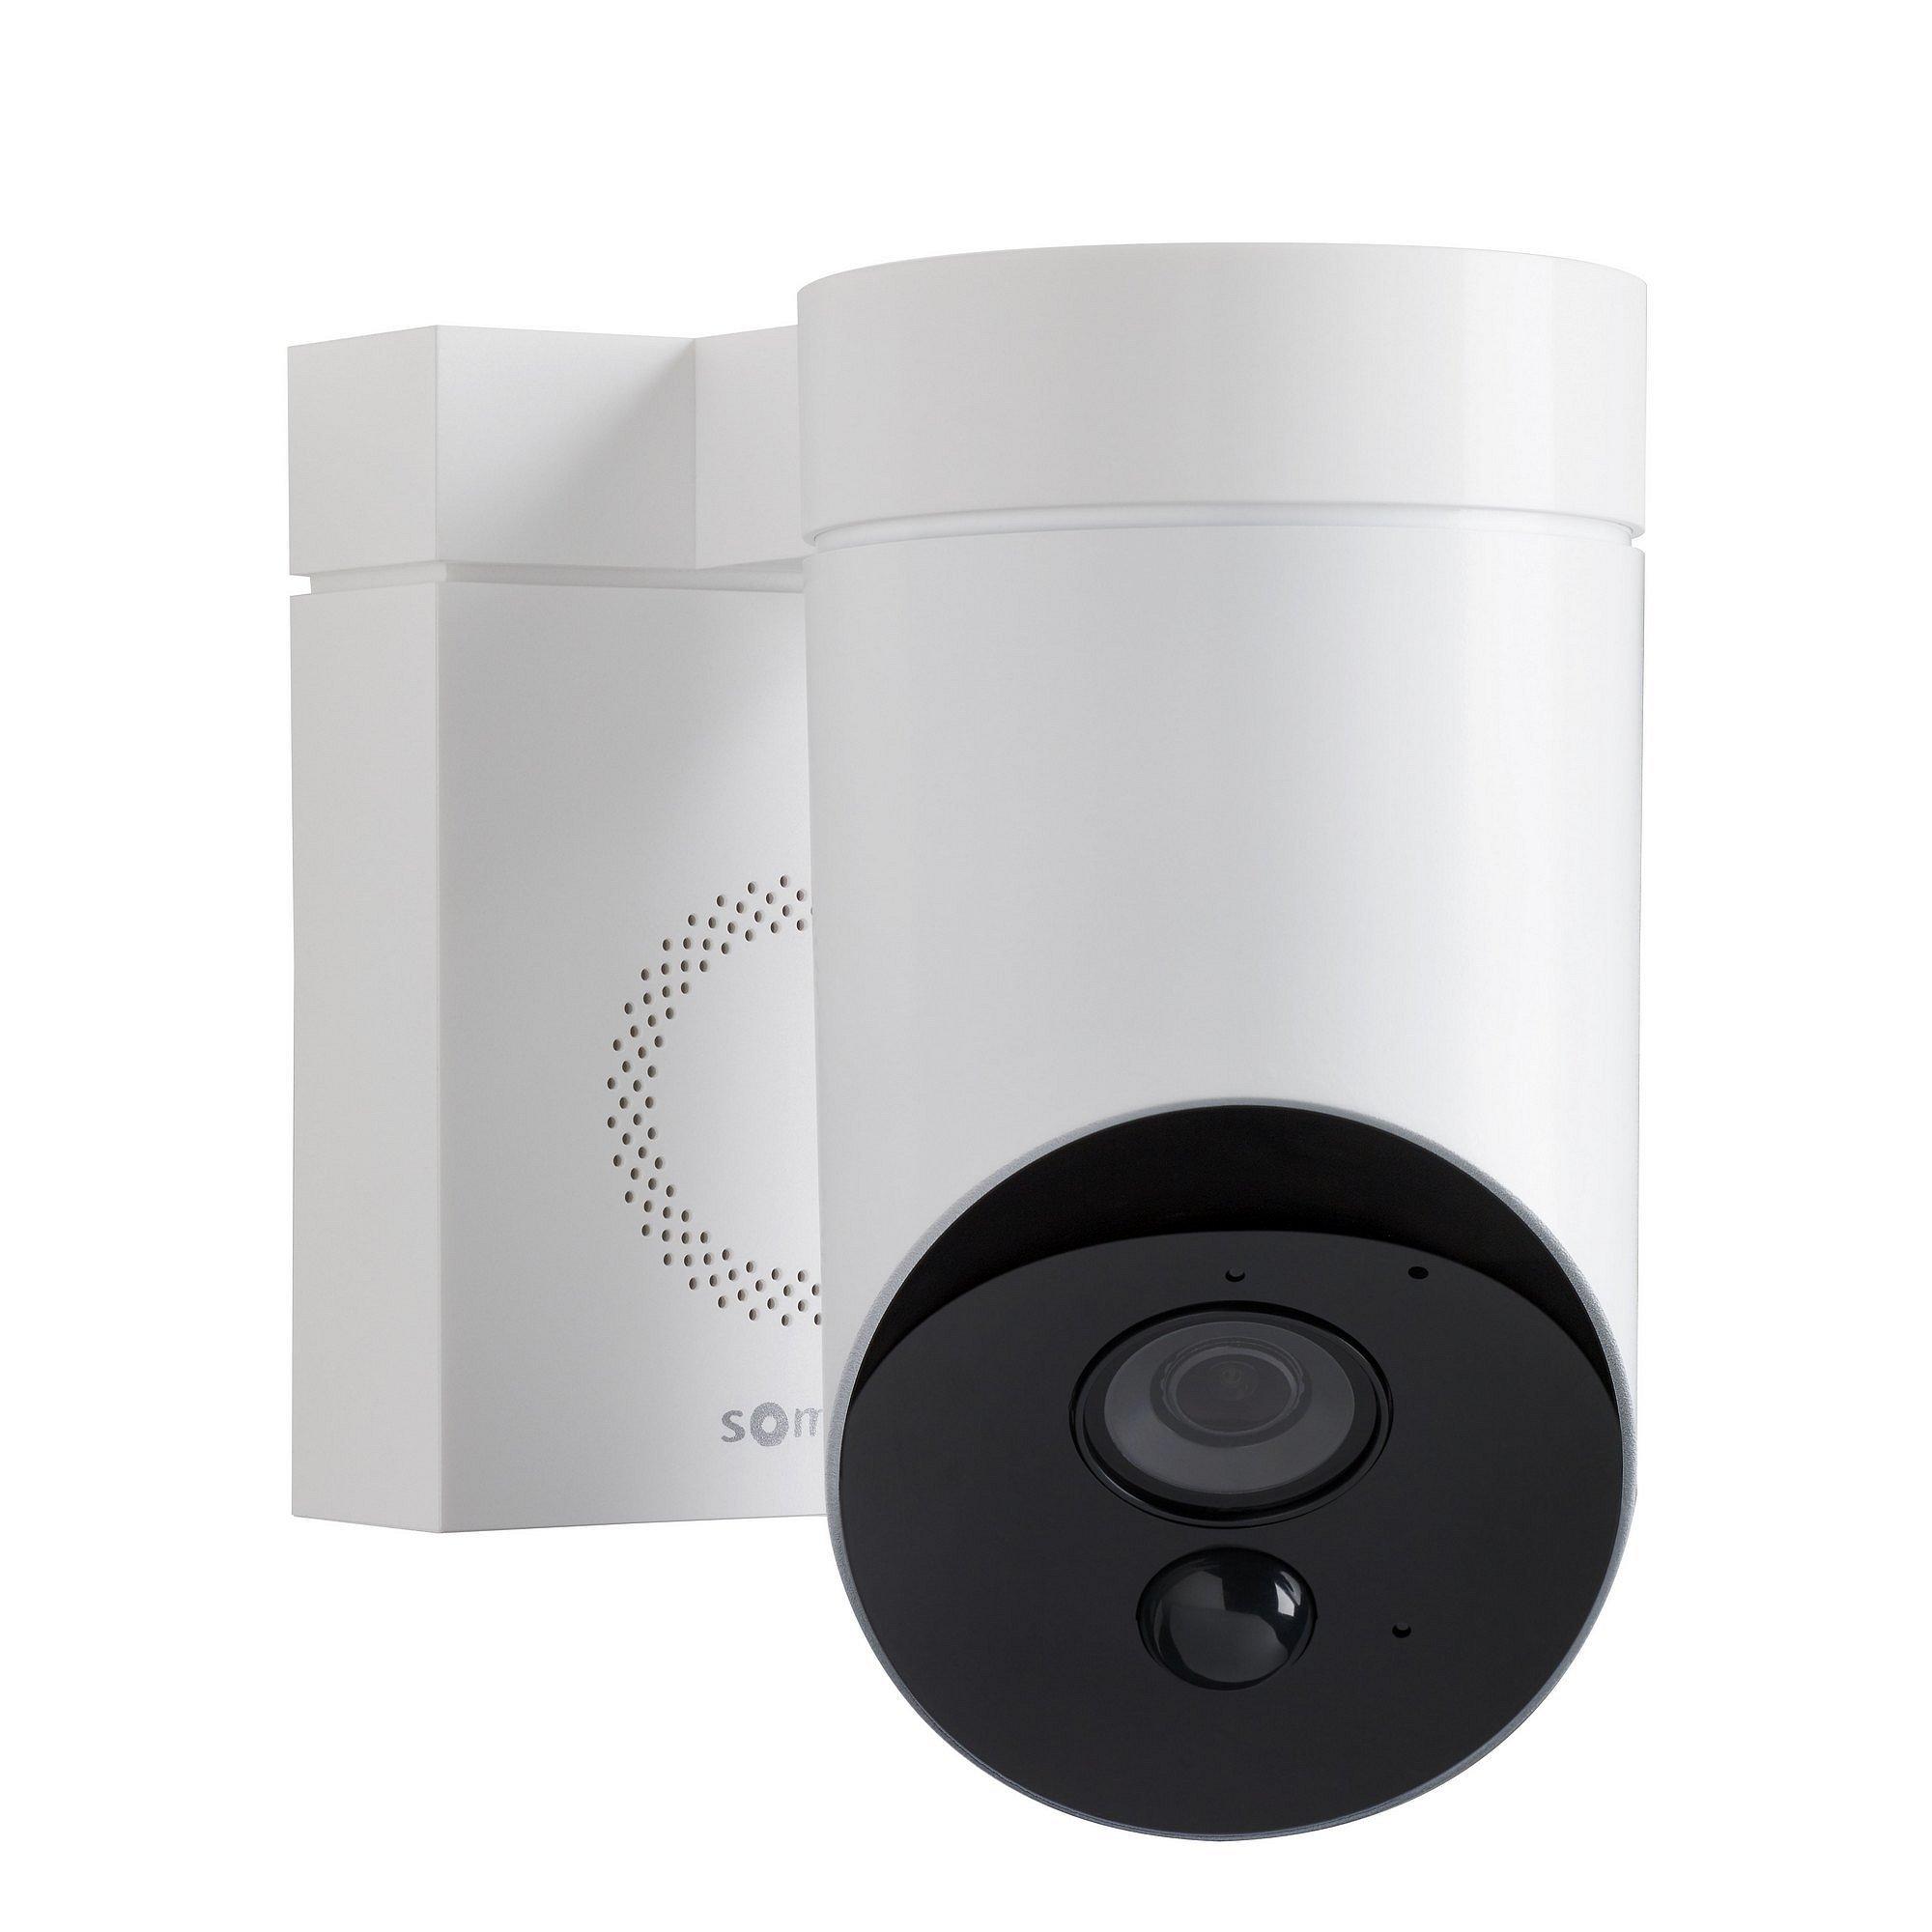 Kamera Somfyoutdoor, bílá